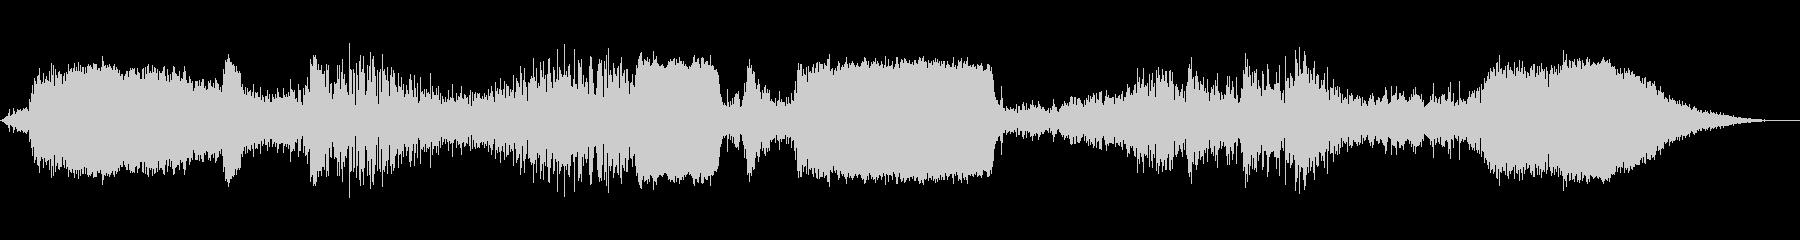 ドラッグスターはスタートラインでア...の未再生の波形